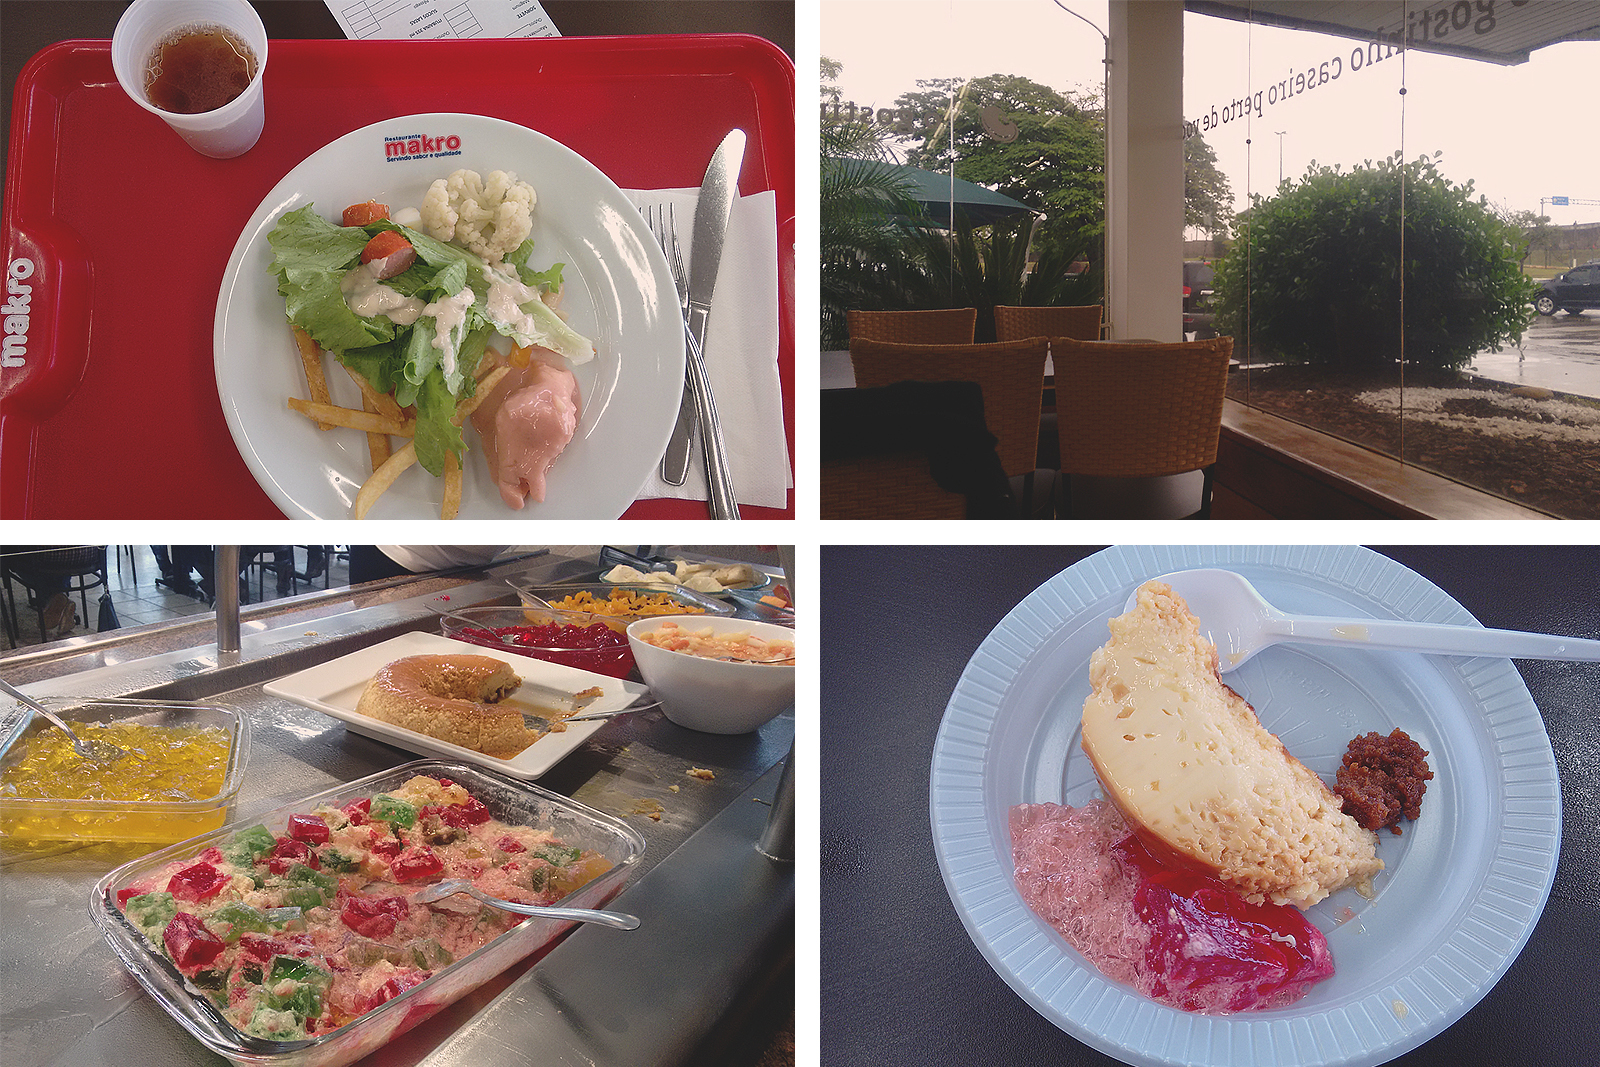 comidas restaurante makro